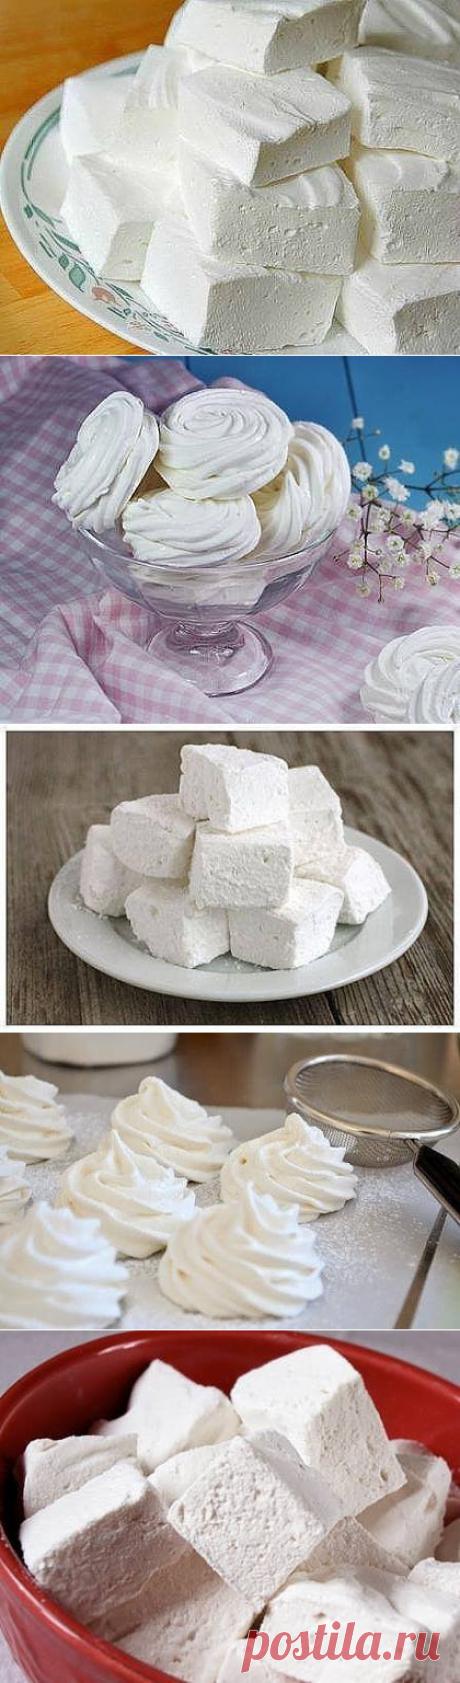 Домашний ванильный зефир - очень простой рецепт